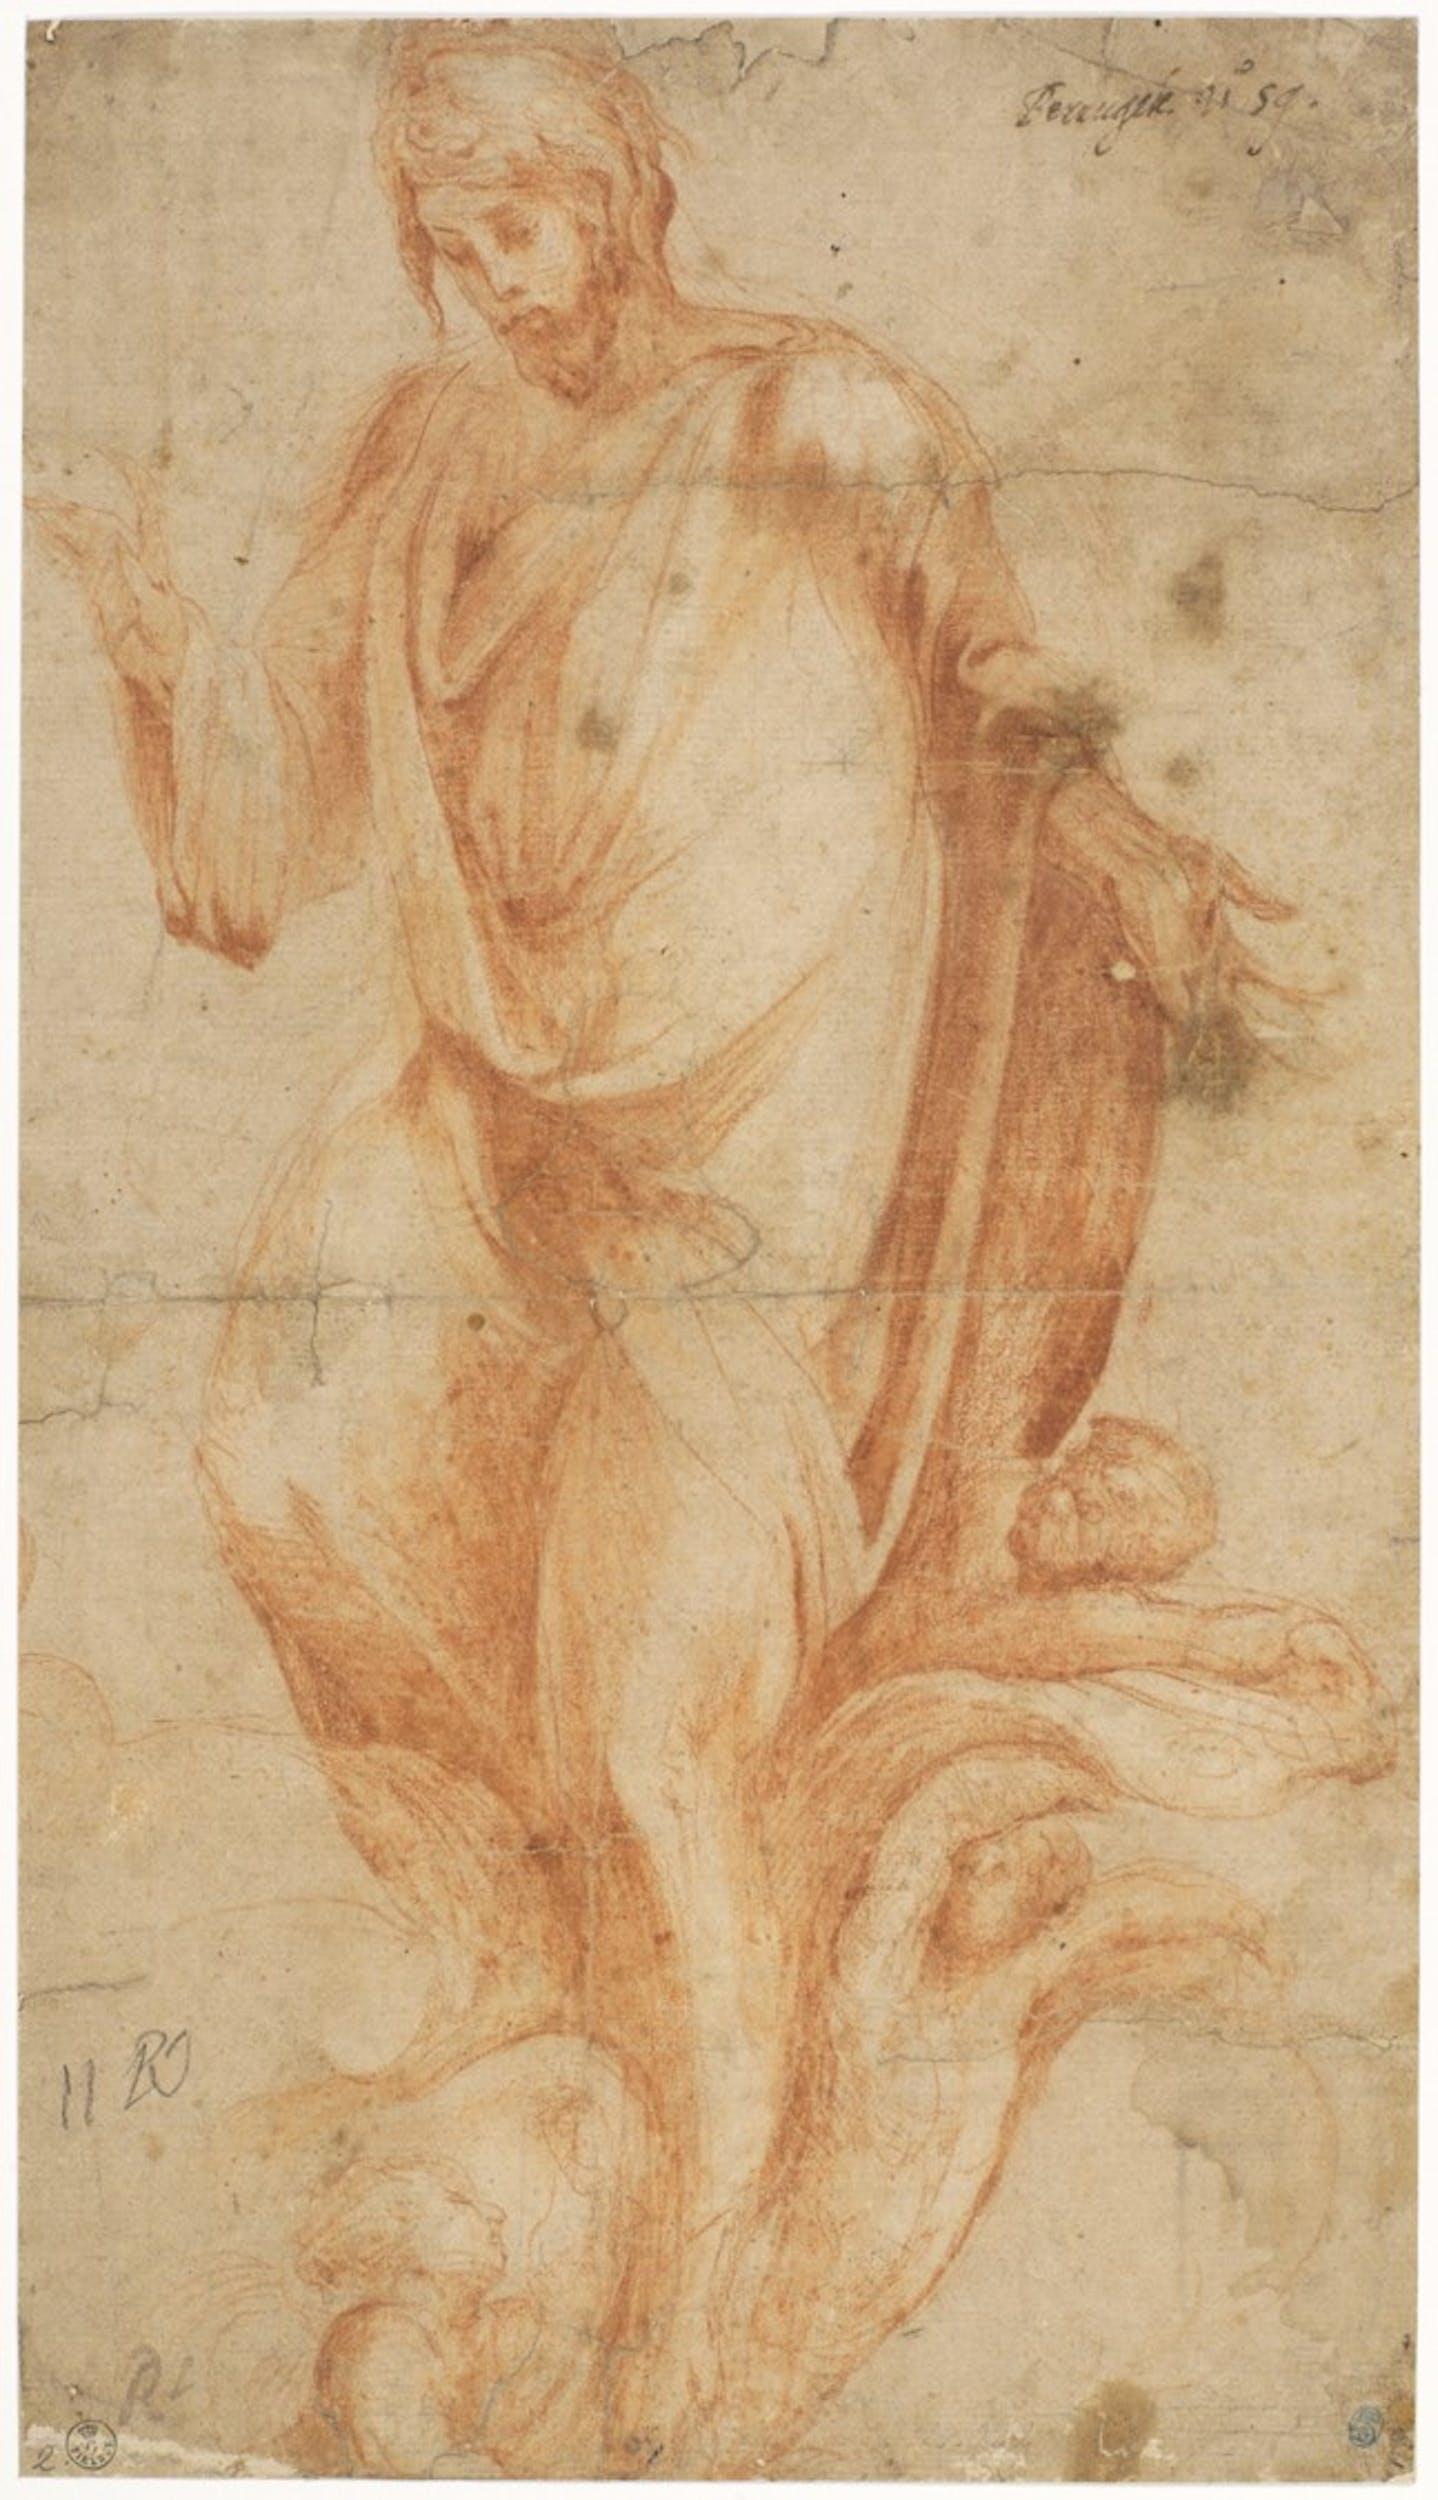 Alonso Berruguete Cristo risorto 1555 ca. 412 x 235 mm Firenze, Gabinetto dei Disegni e delle Stampe delle Gallerie degli Uffizi